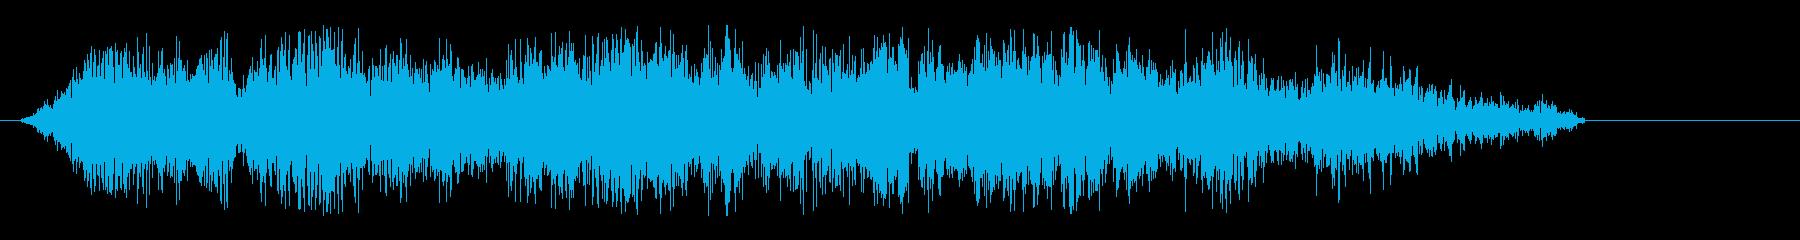 シャキーン(かっこいい剣の音)の再生済みの波形